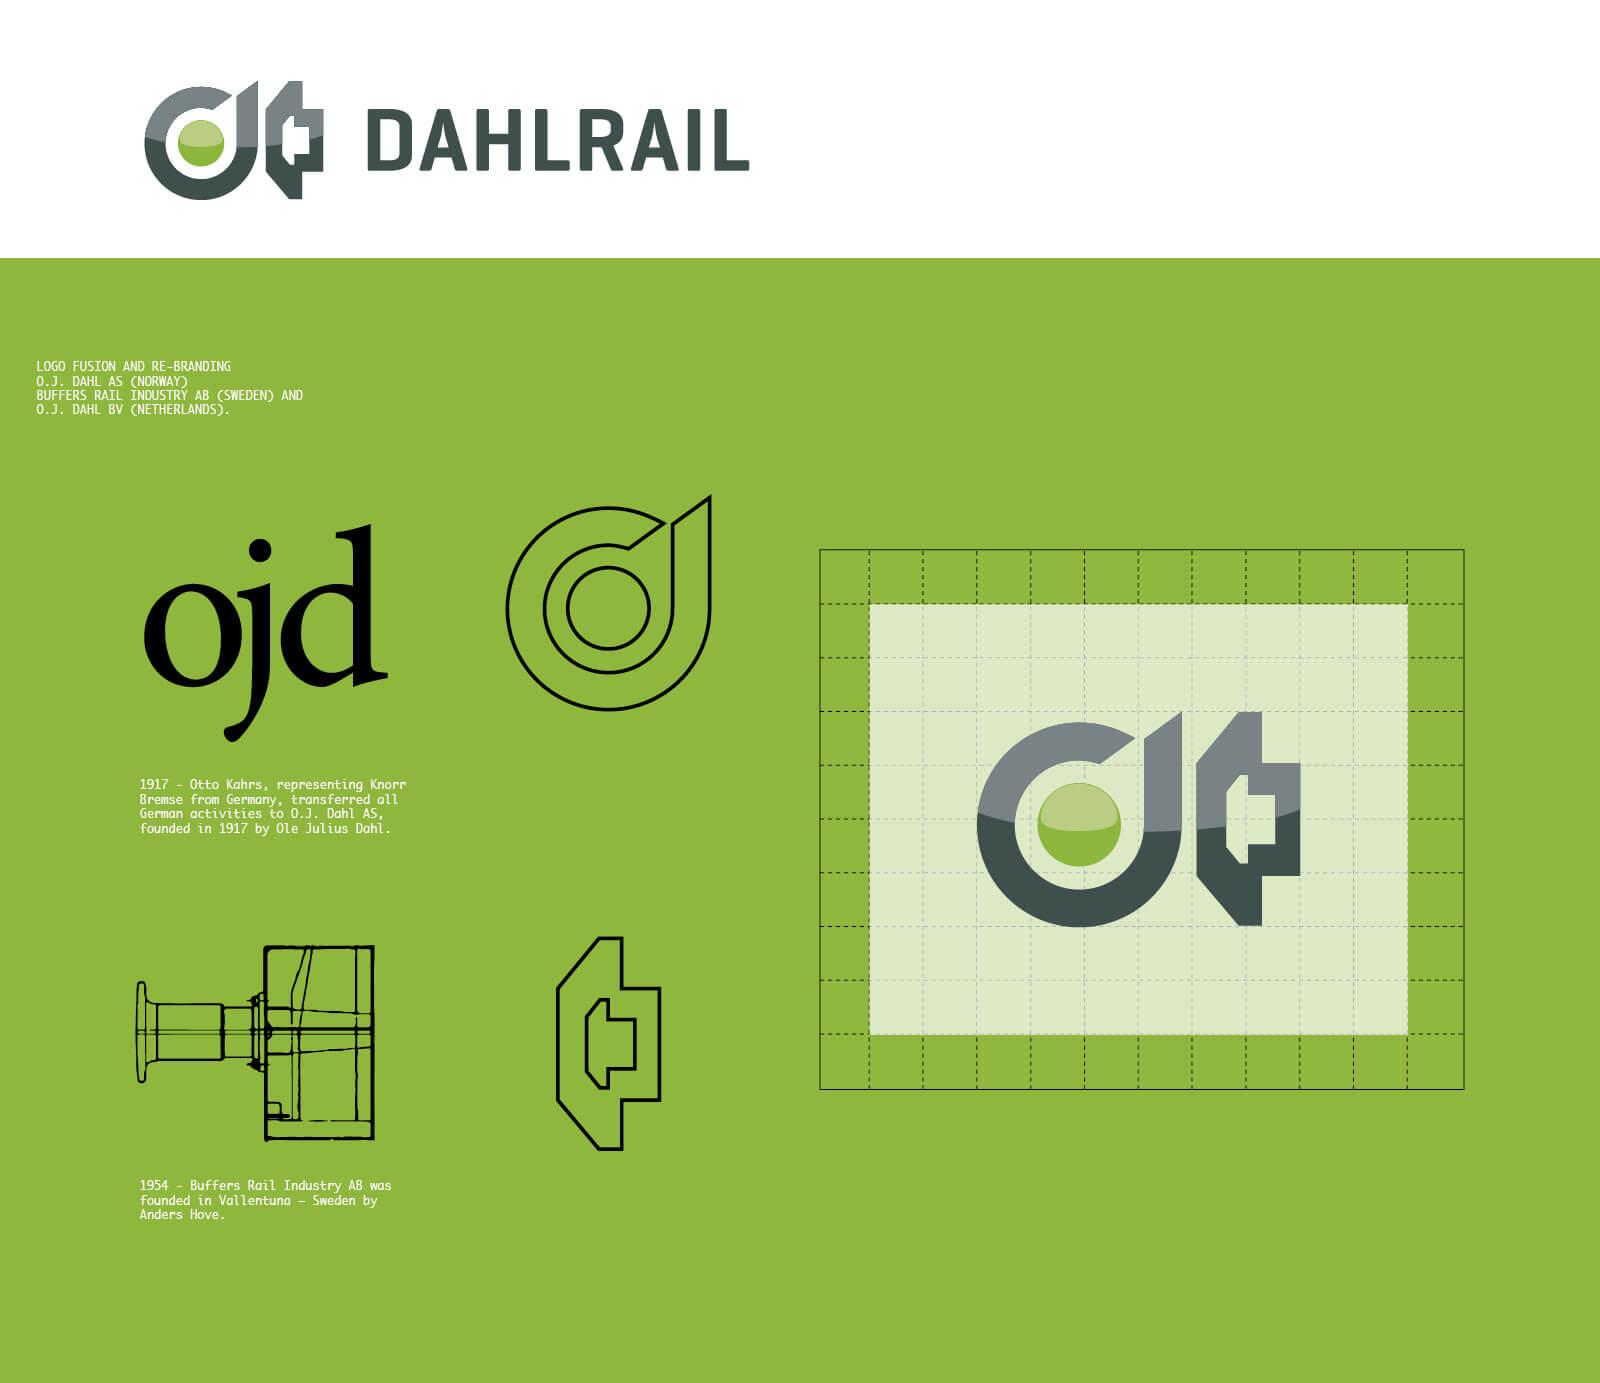 dahlrail_showcase_slice_01_cmpr